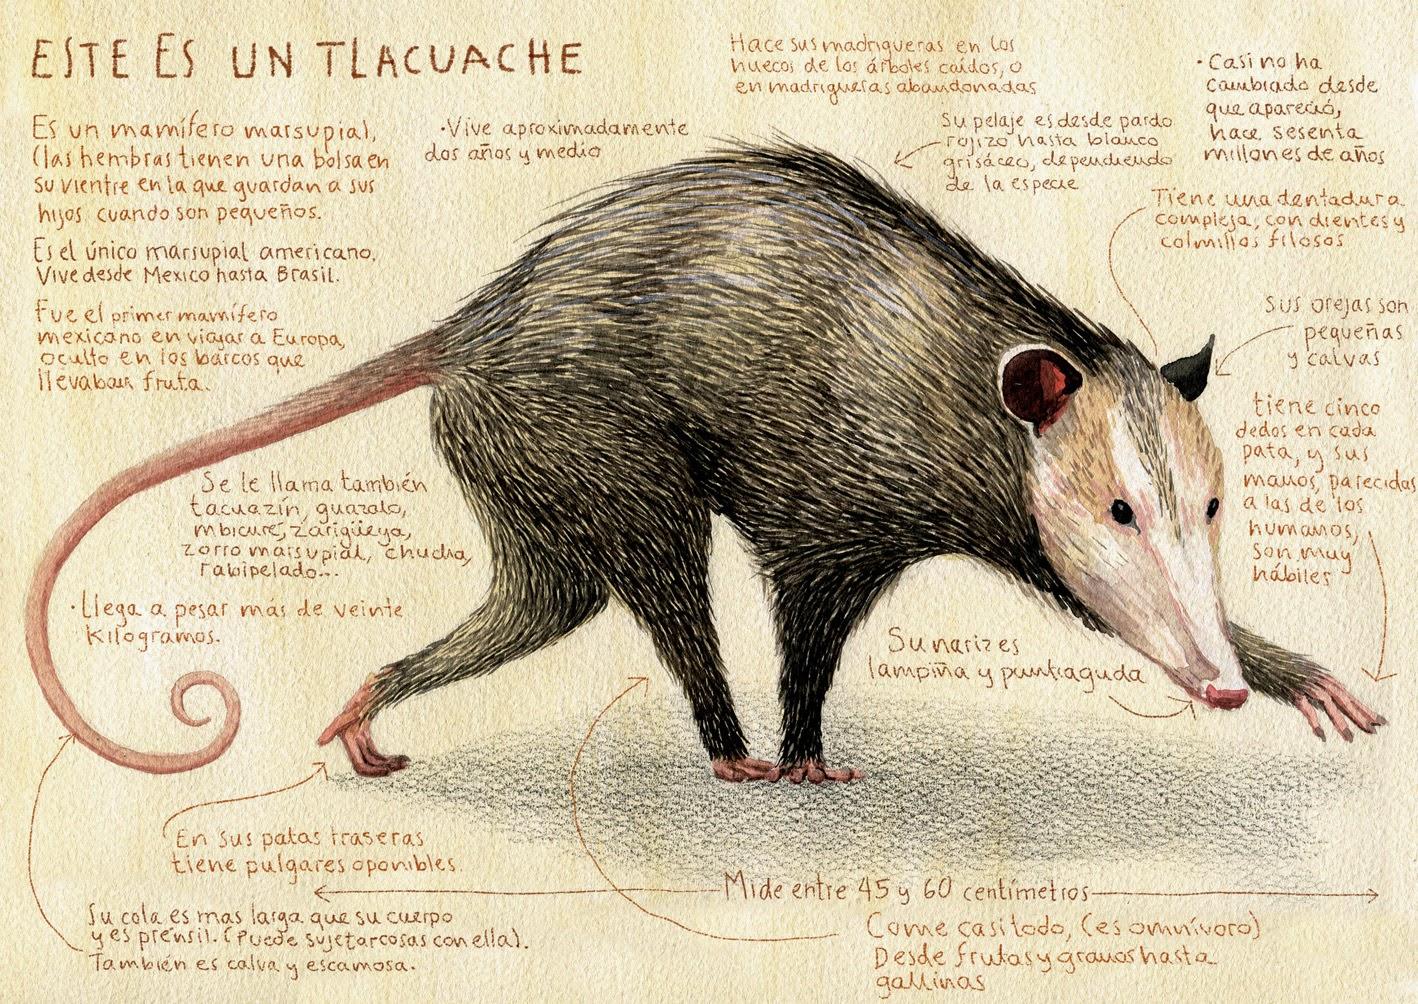 El Tlacuache – The Renewal Notice